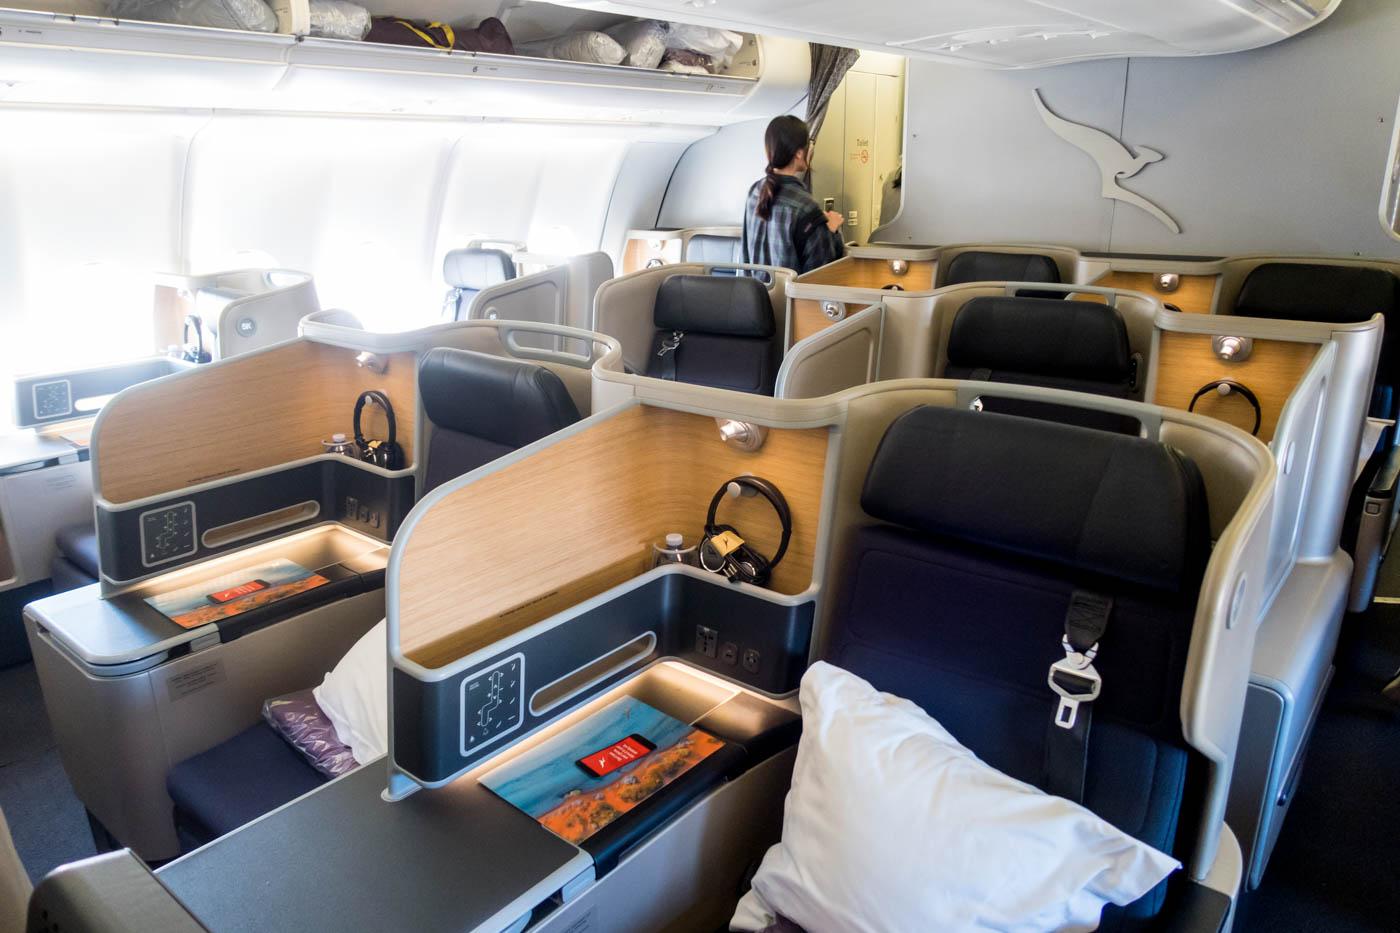 Qantas Airbus A330-300 Business Class Cabin